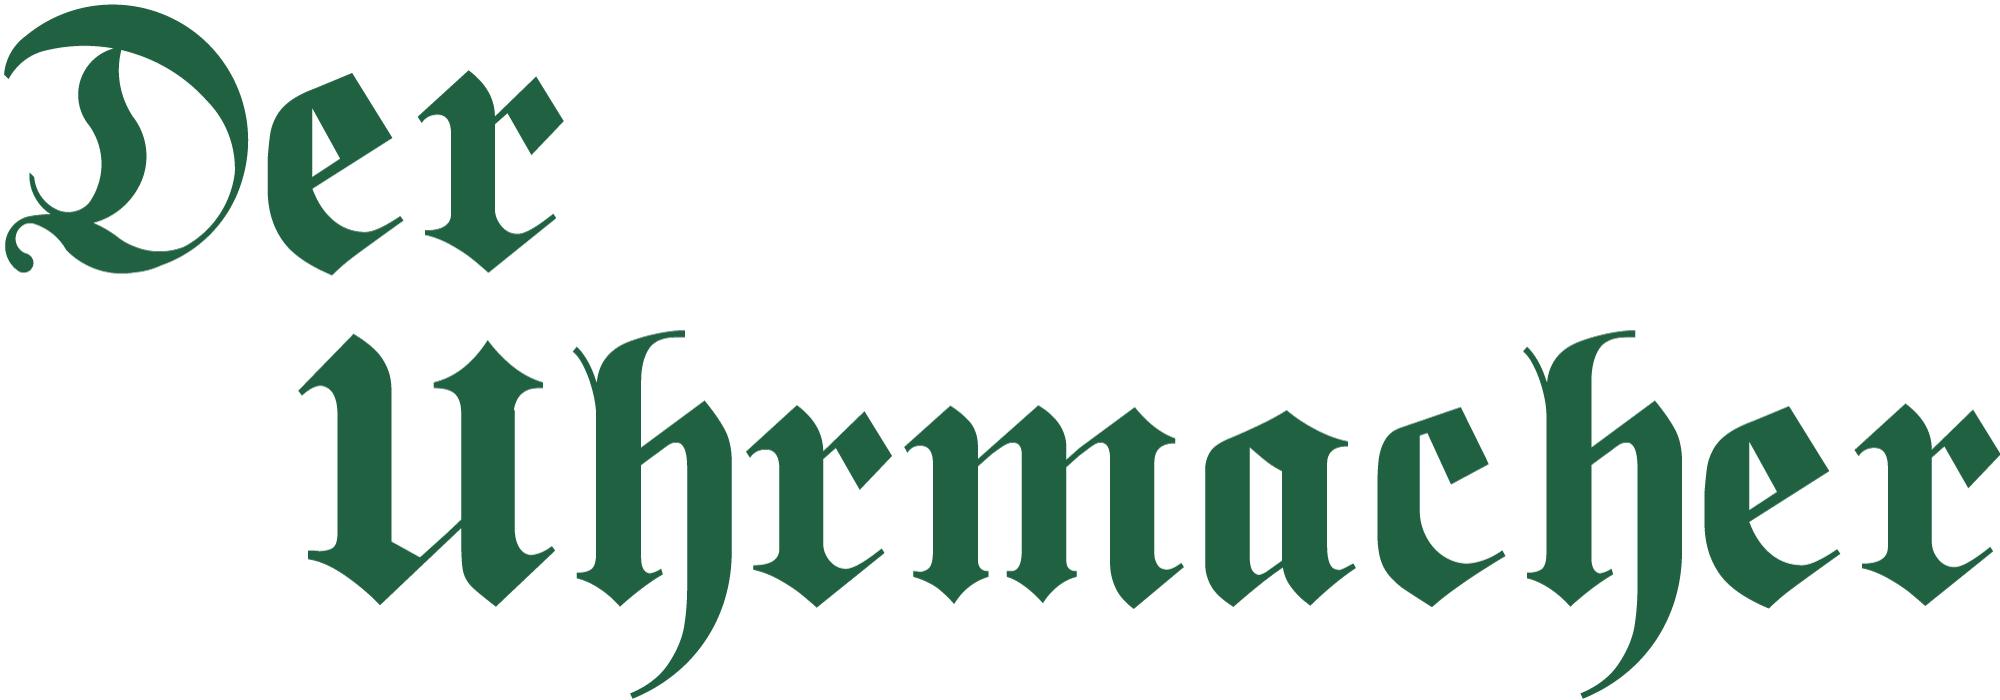 Der Uhrmacher Logo